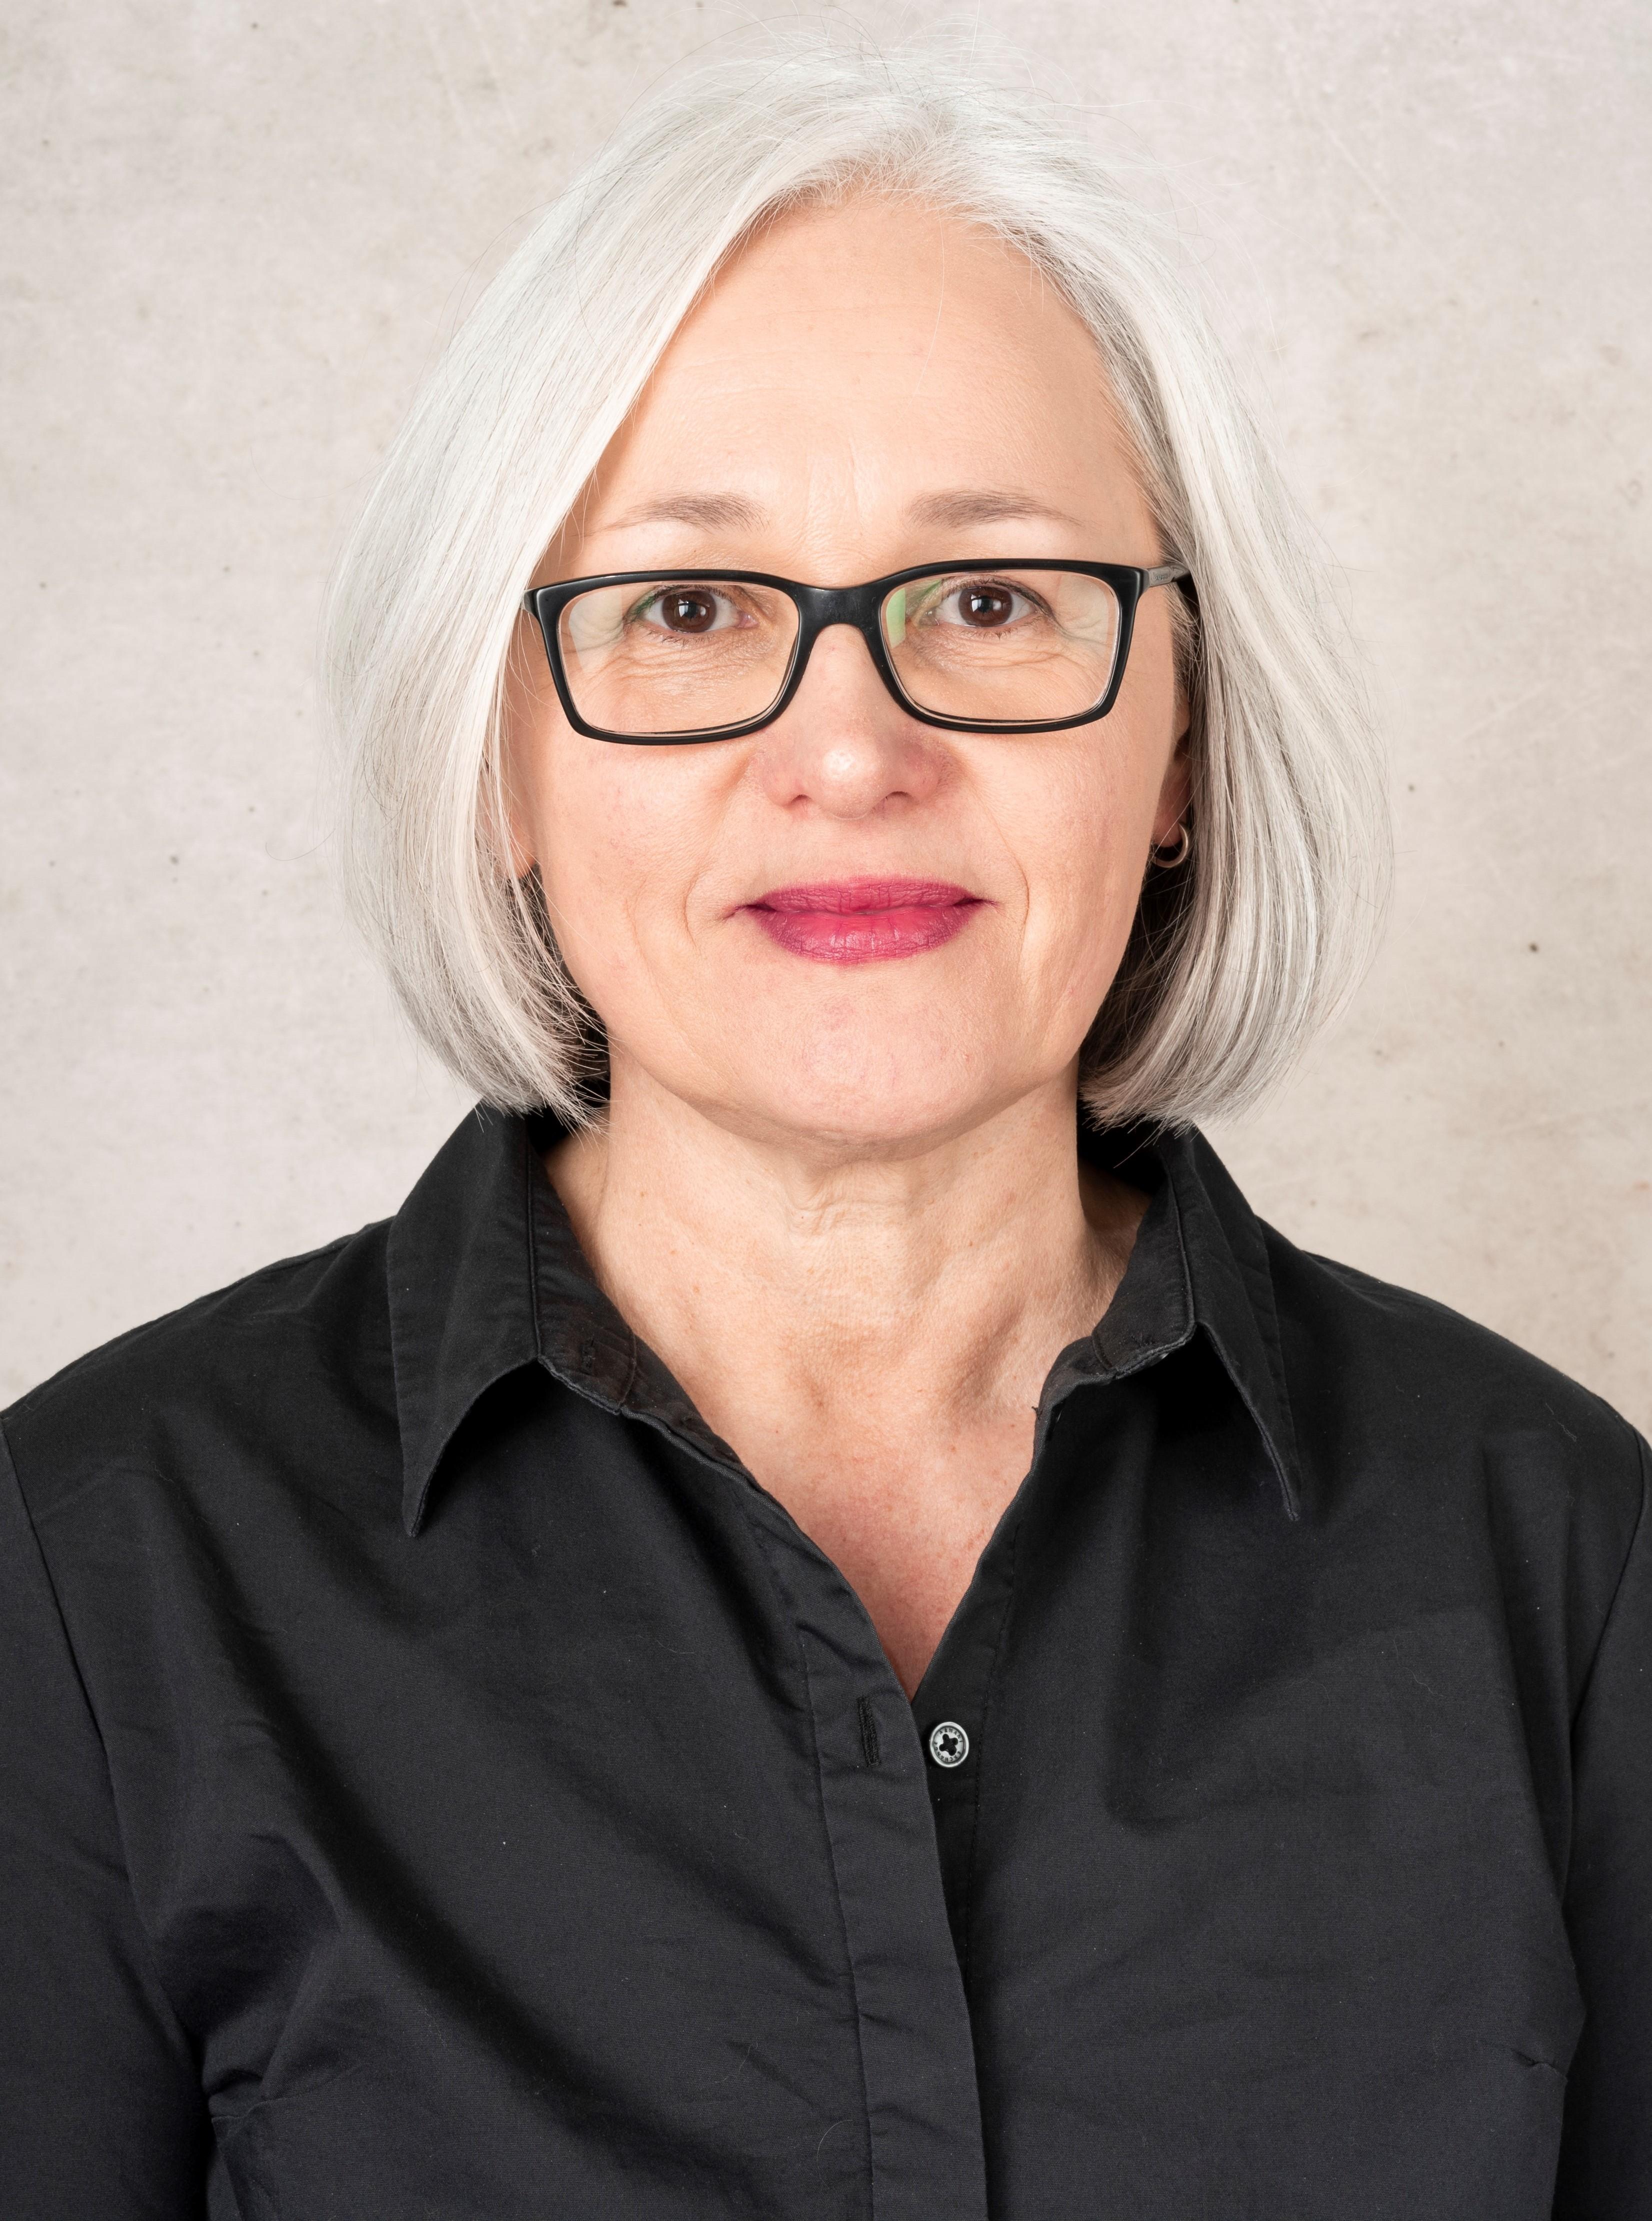 Studienautorin Prof. Dr. Sabine Sczesny, Institut für Psychologie, Sozialpsychologie und Soziale Neurowissenschaft, Universität Bern. © Luca Christen